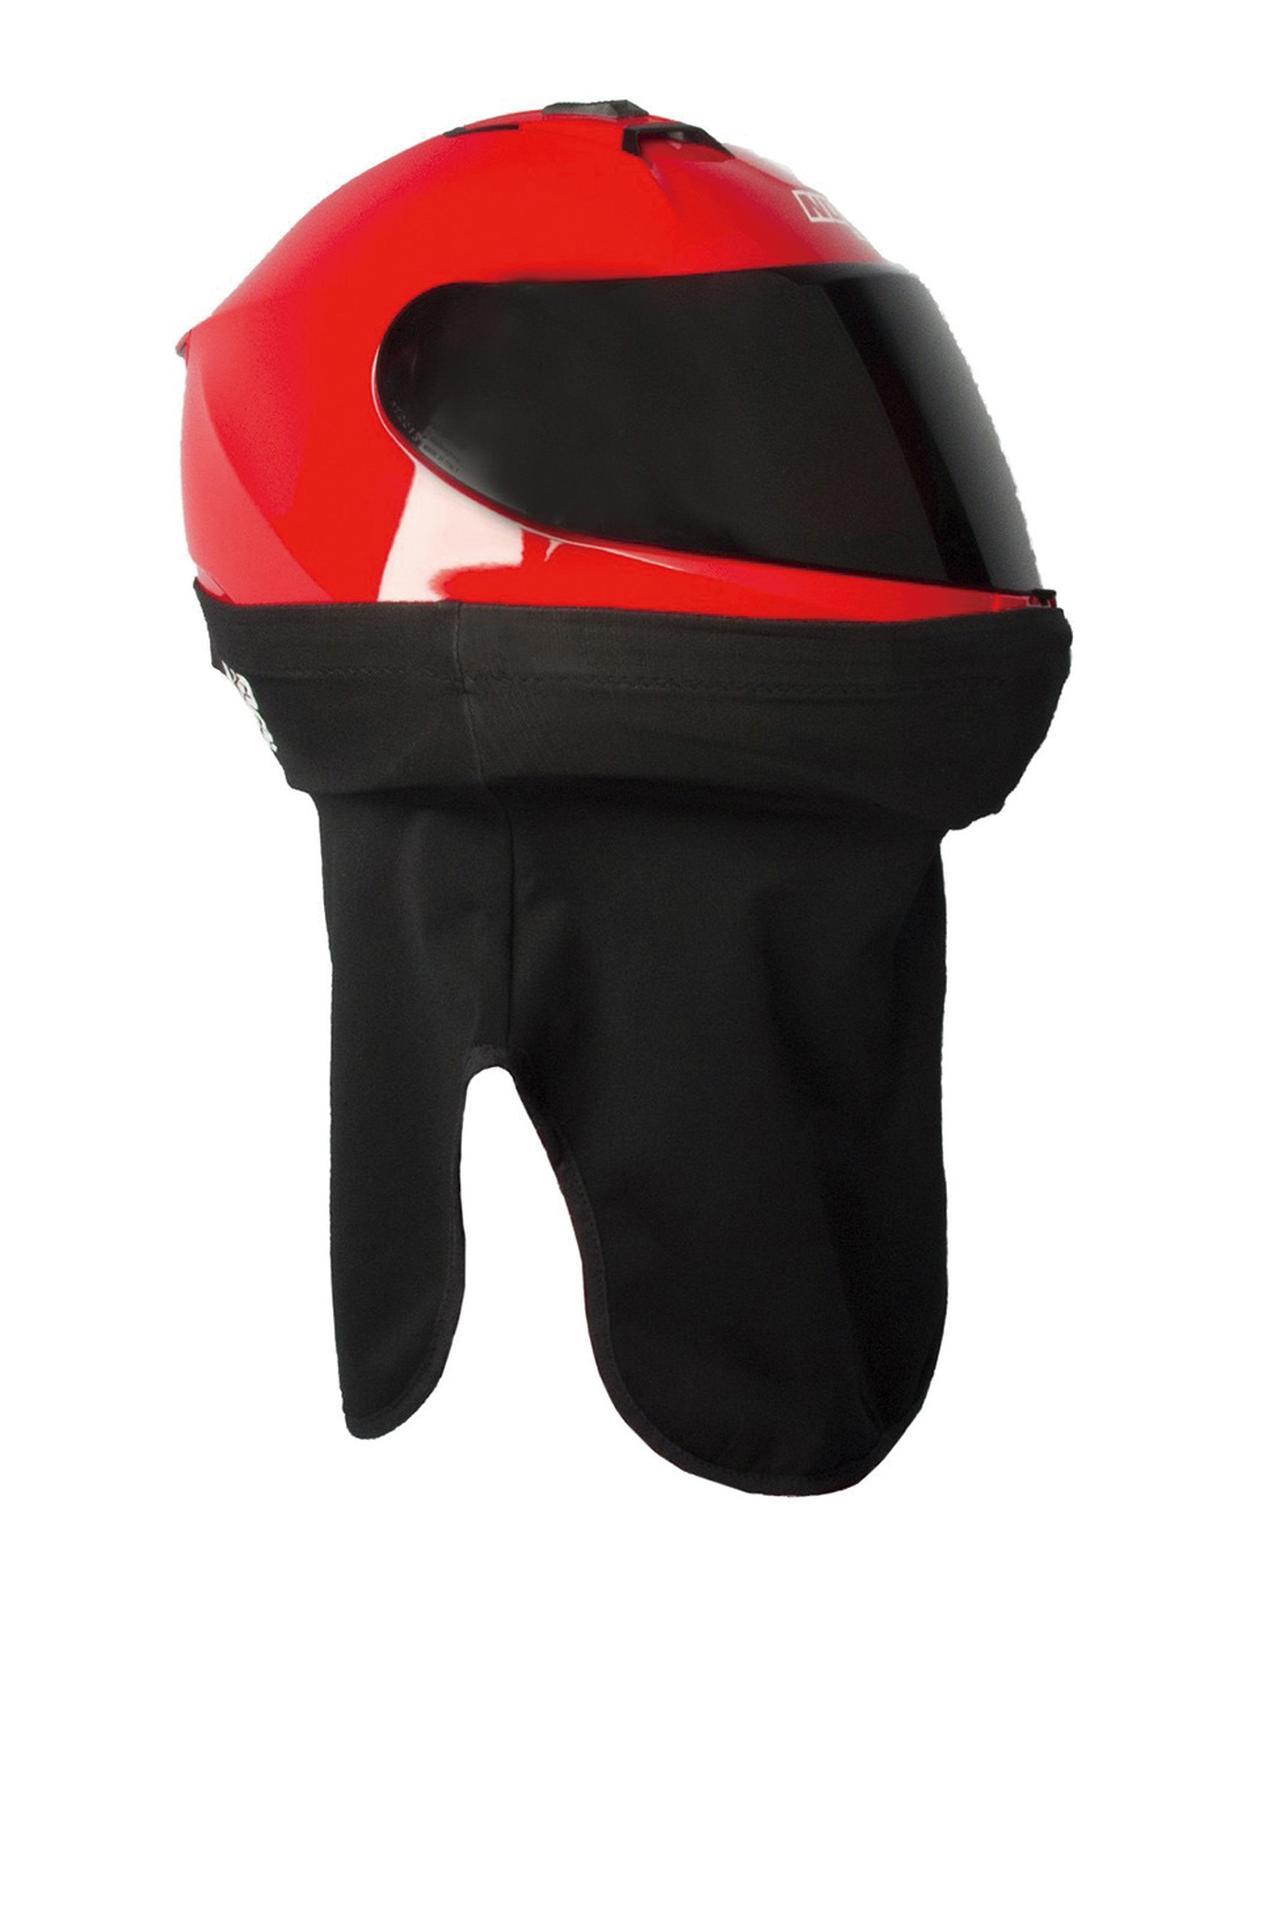 画像: OJF059 OJ BLOCK ヘルメットTUBE 価格:5378円 [カラー] ブラック [サイズ] フリー